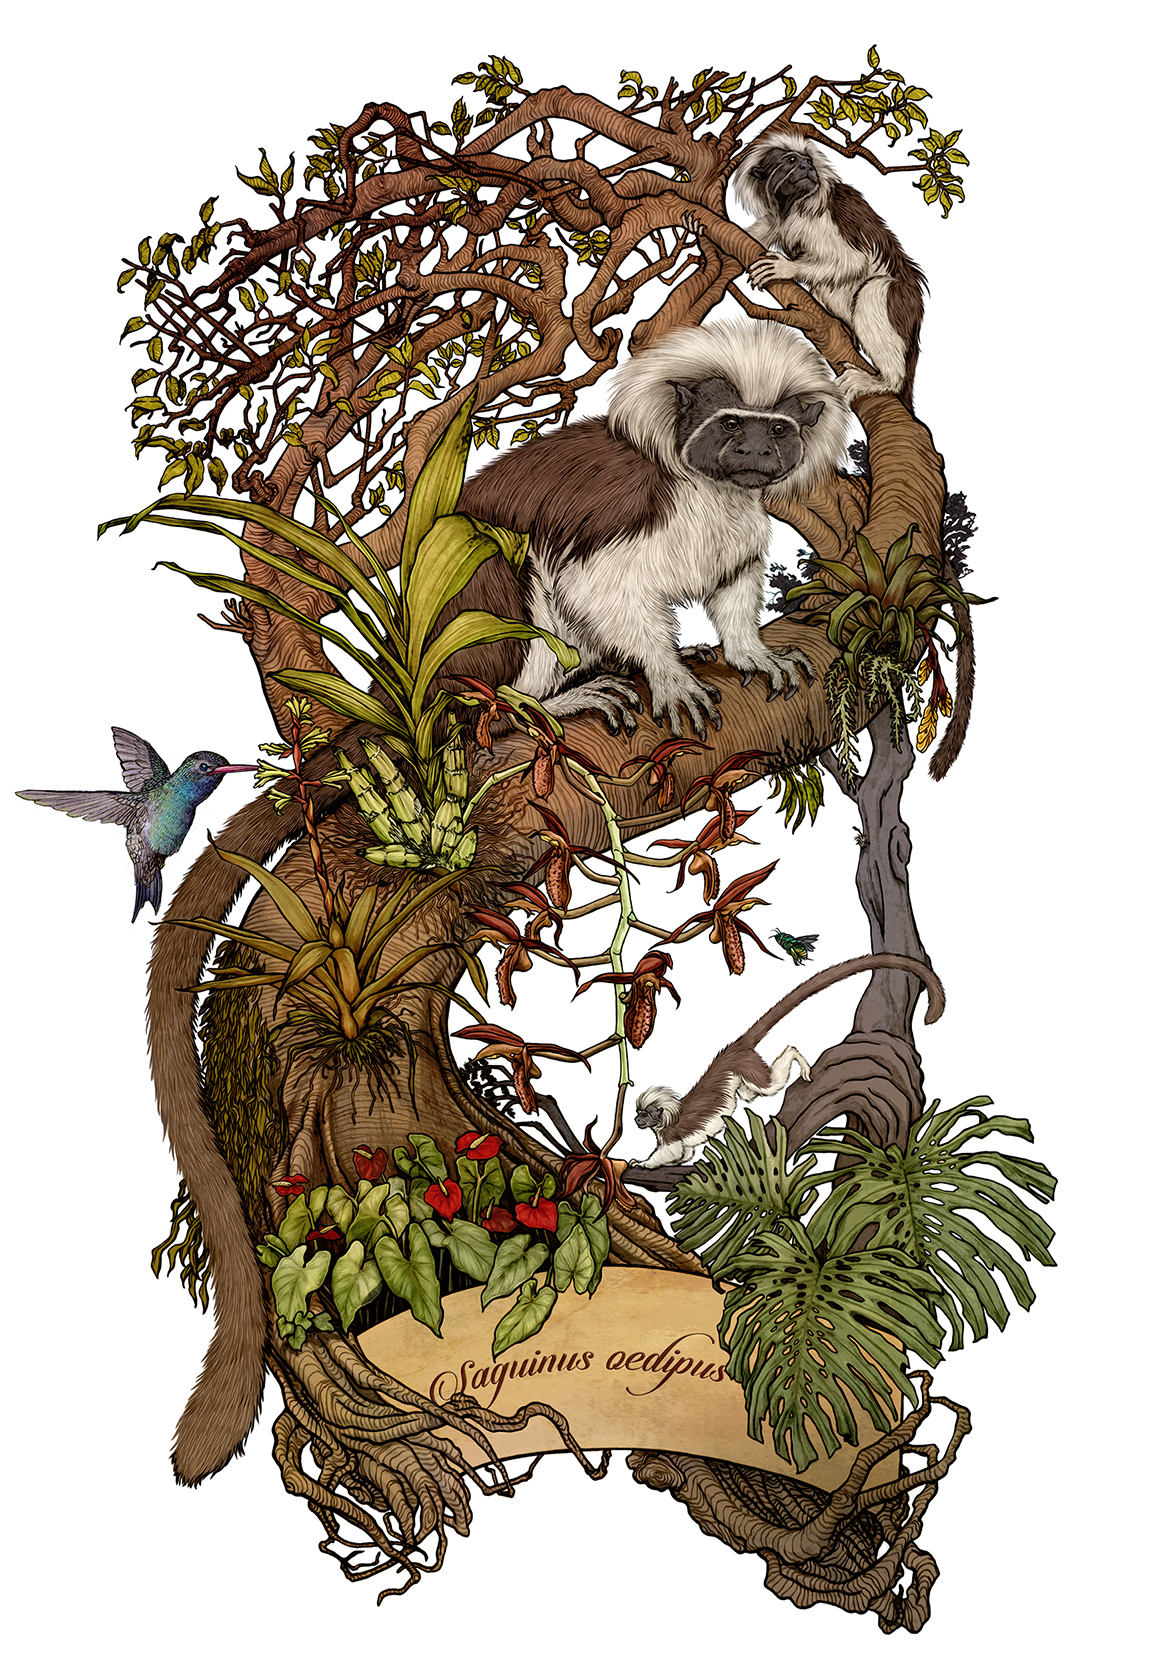 File:Saguinus oedipus.